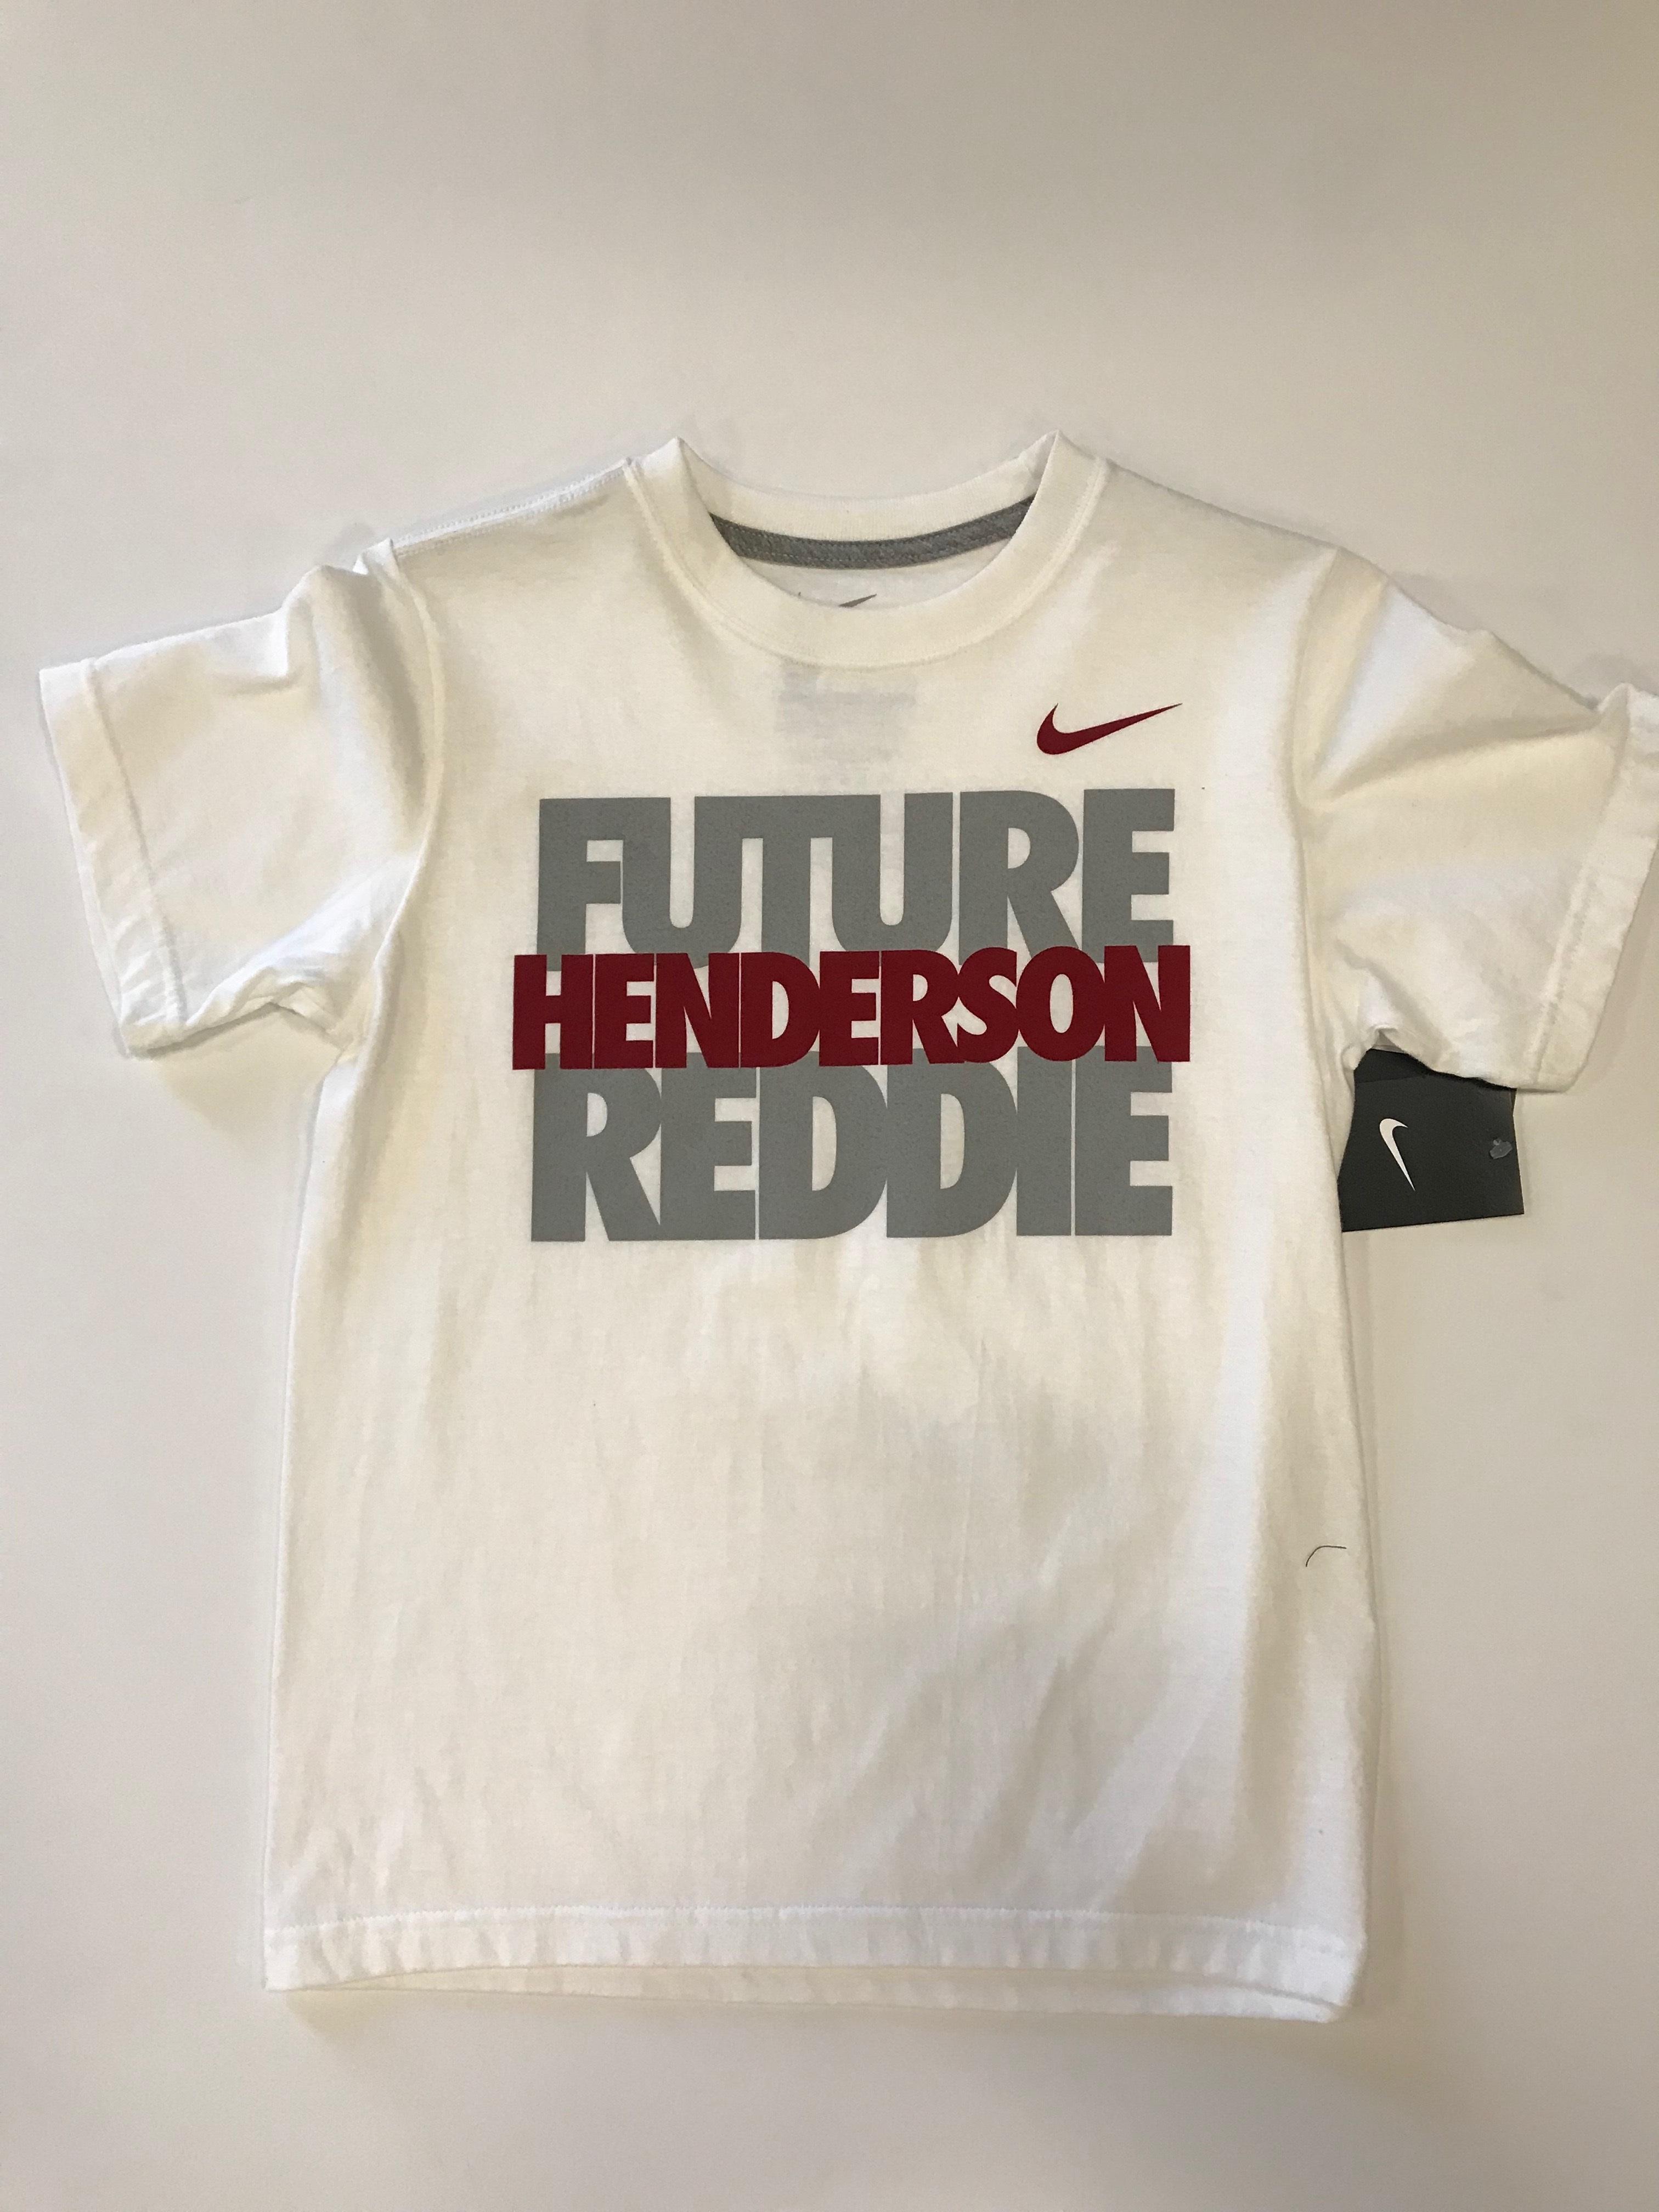 YOUTH FUTURE HENDERSON REDDIE TSHIRT